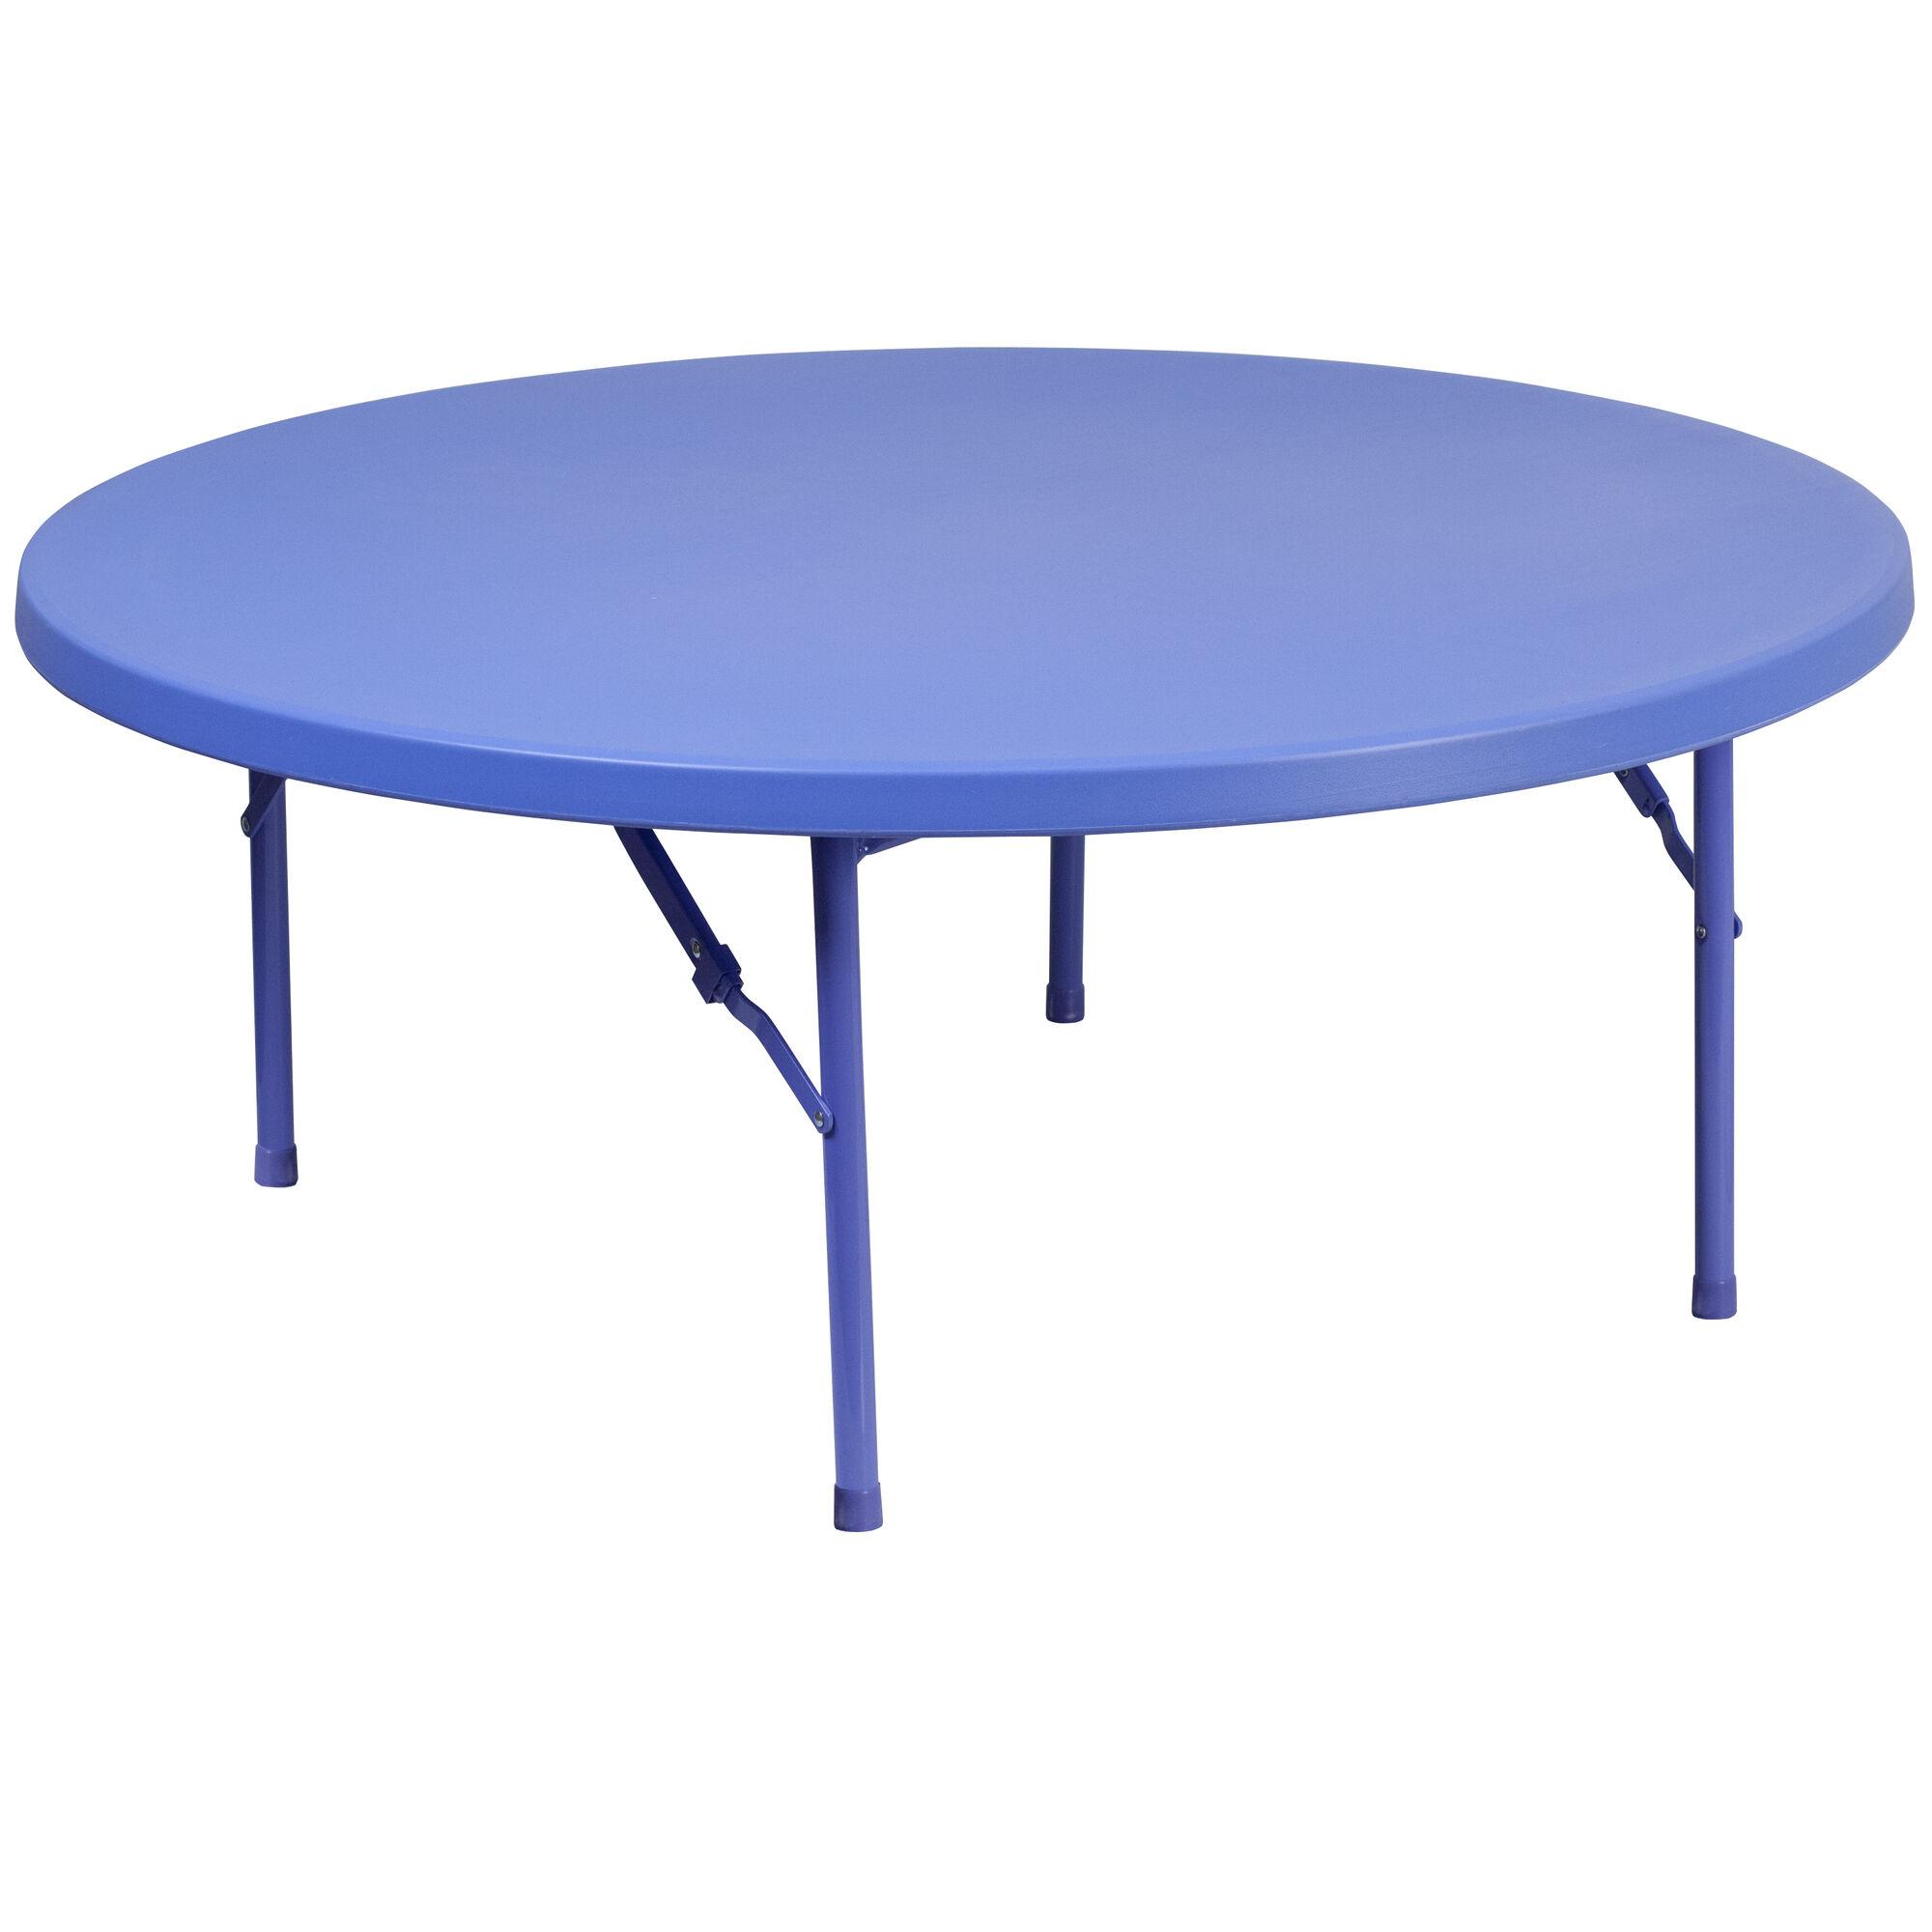 Rnd kids plastic fold table rb r kid